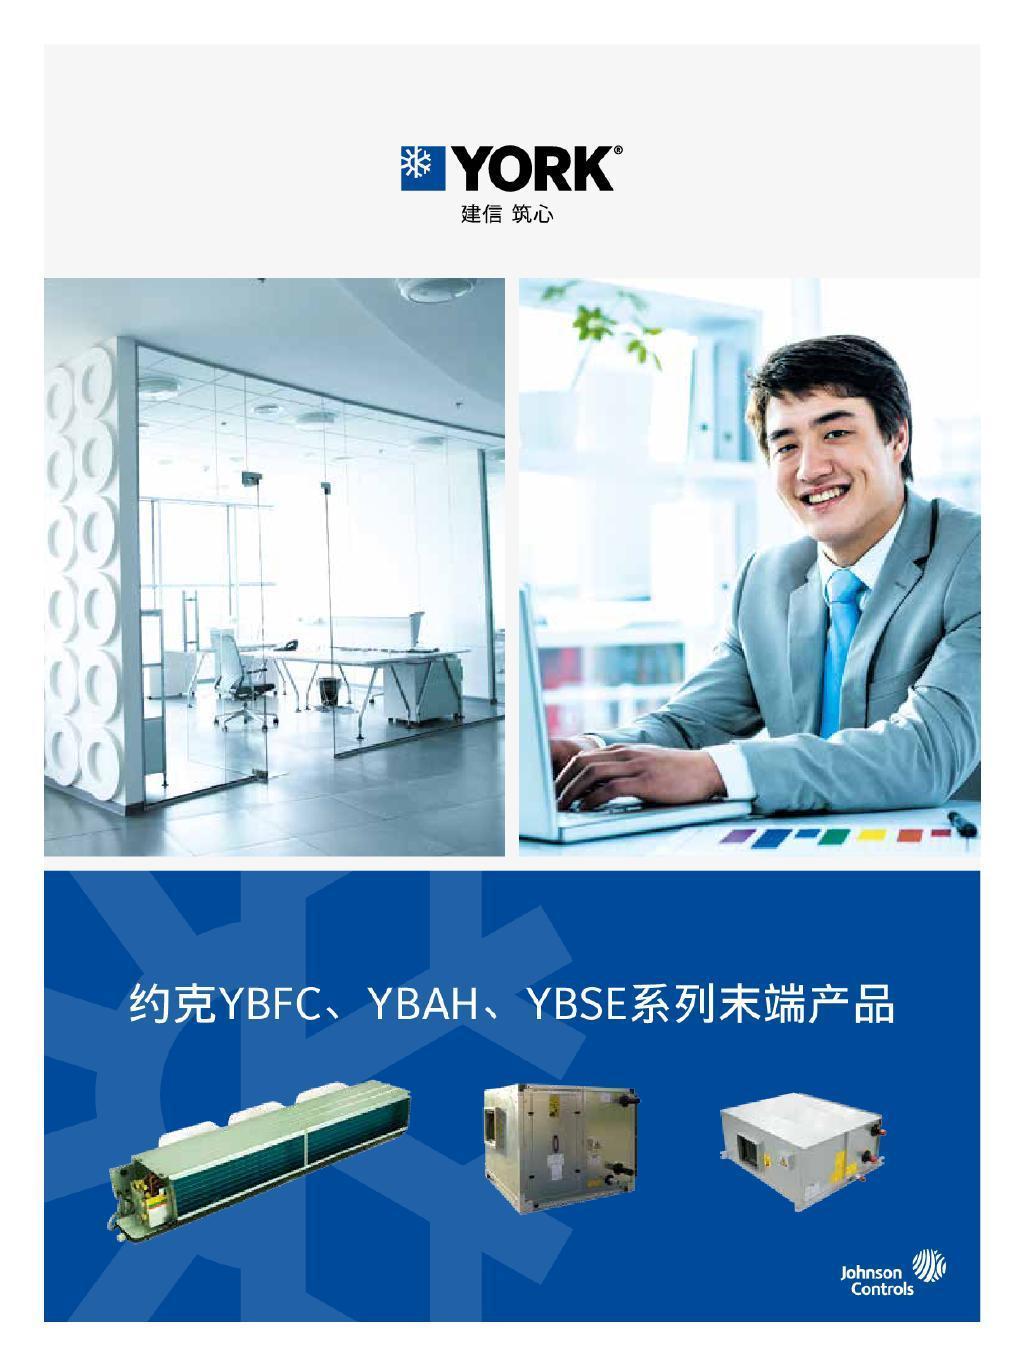 约克YBFC,YBAH,YBSE系列末端产品